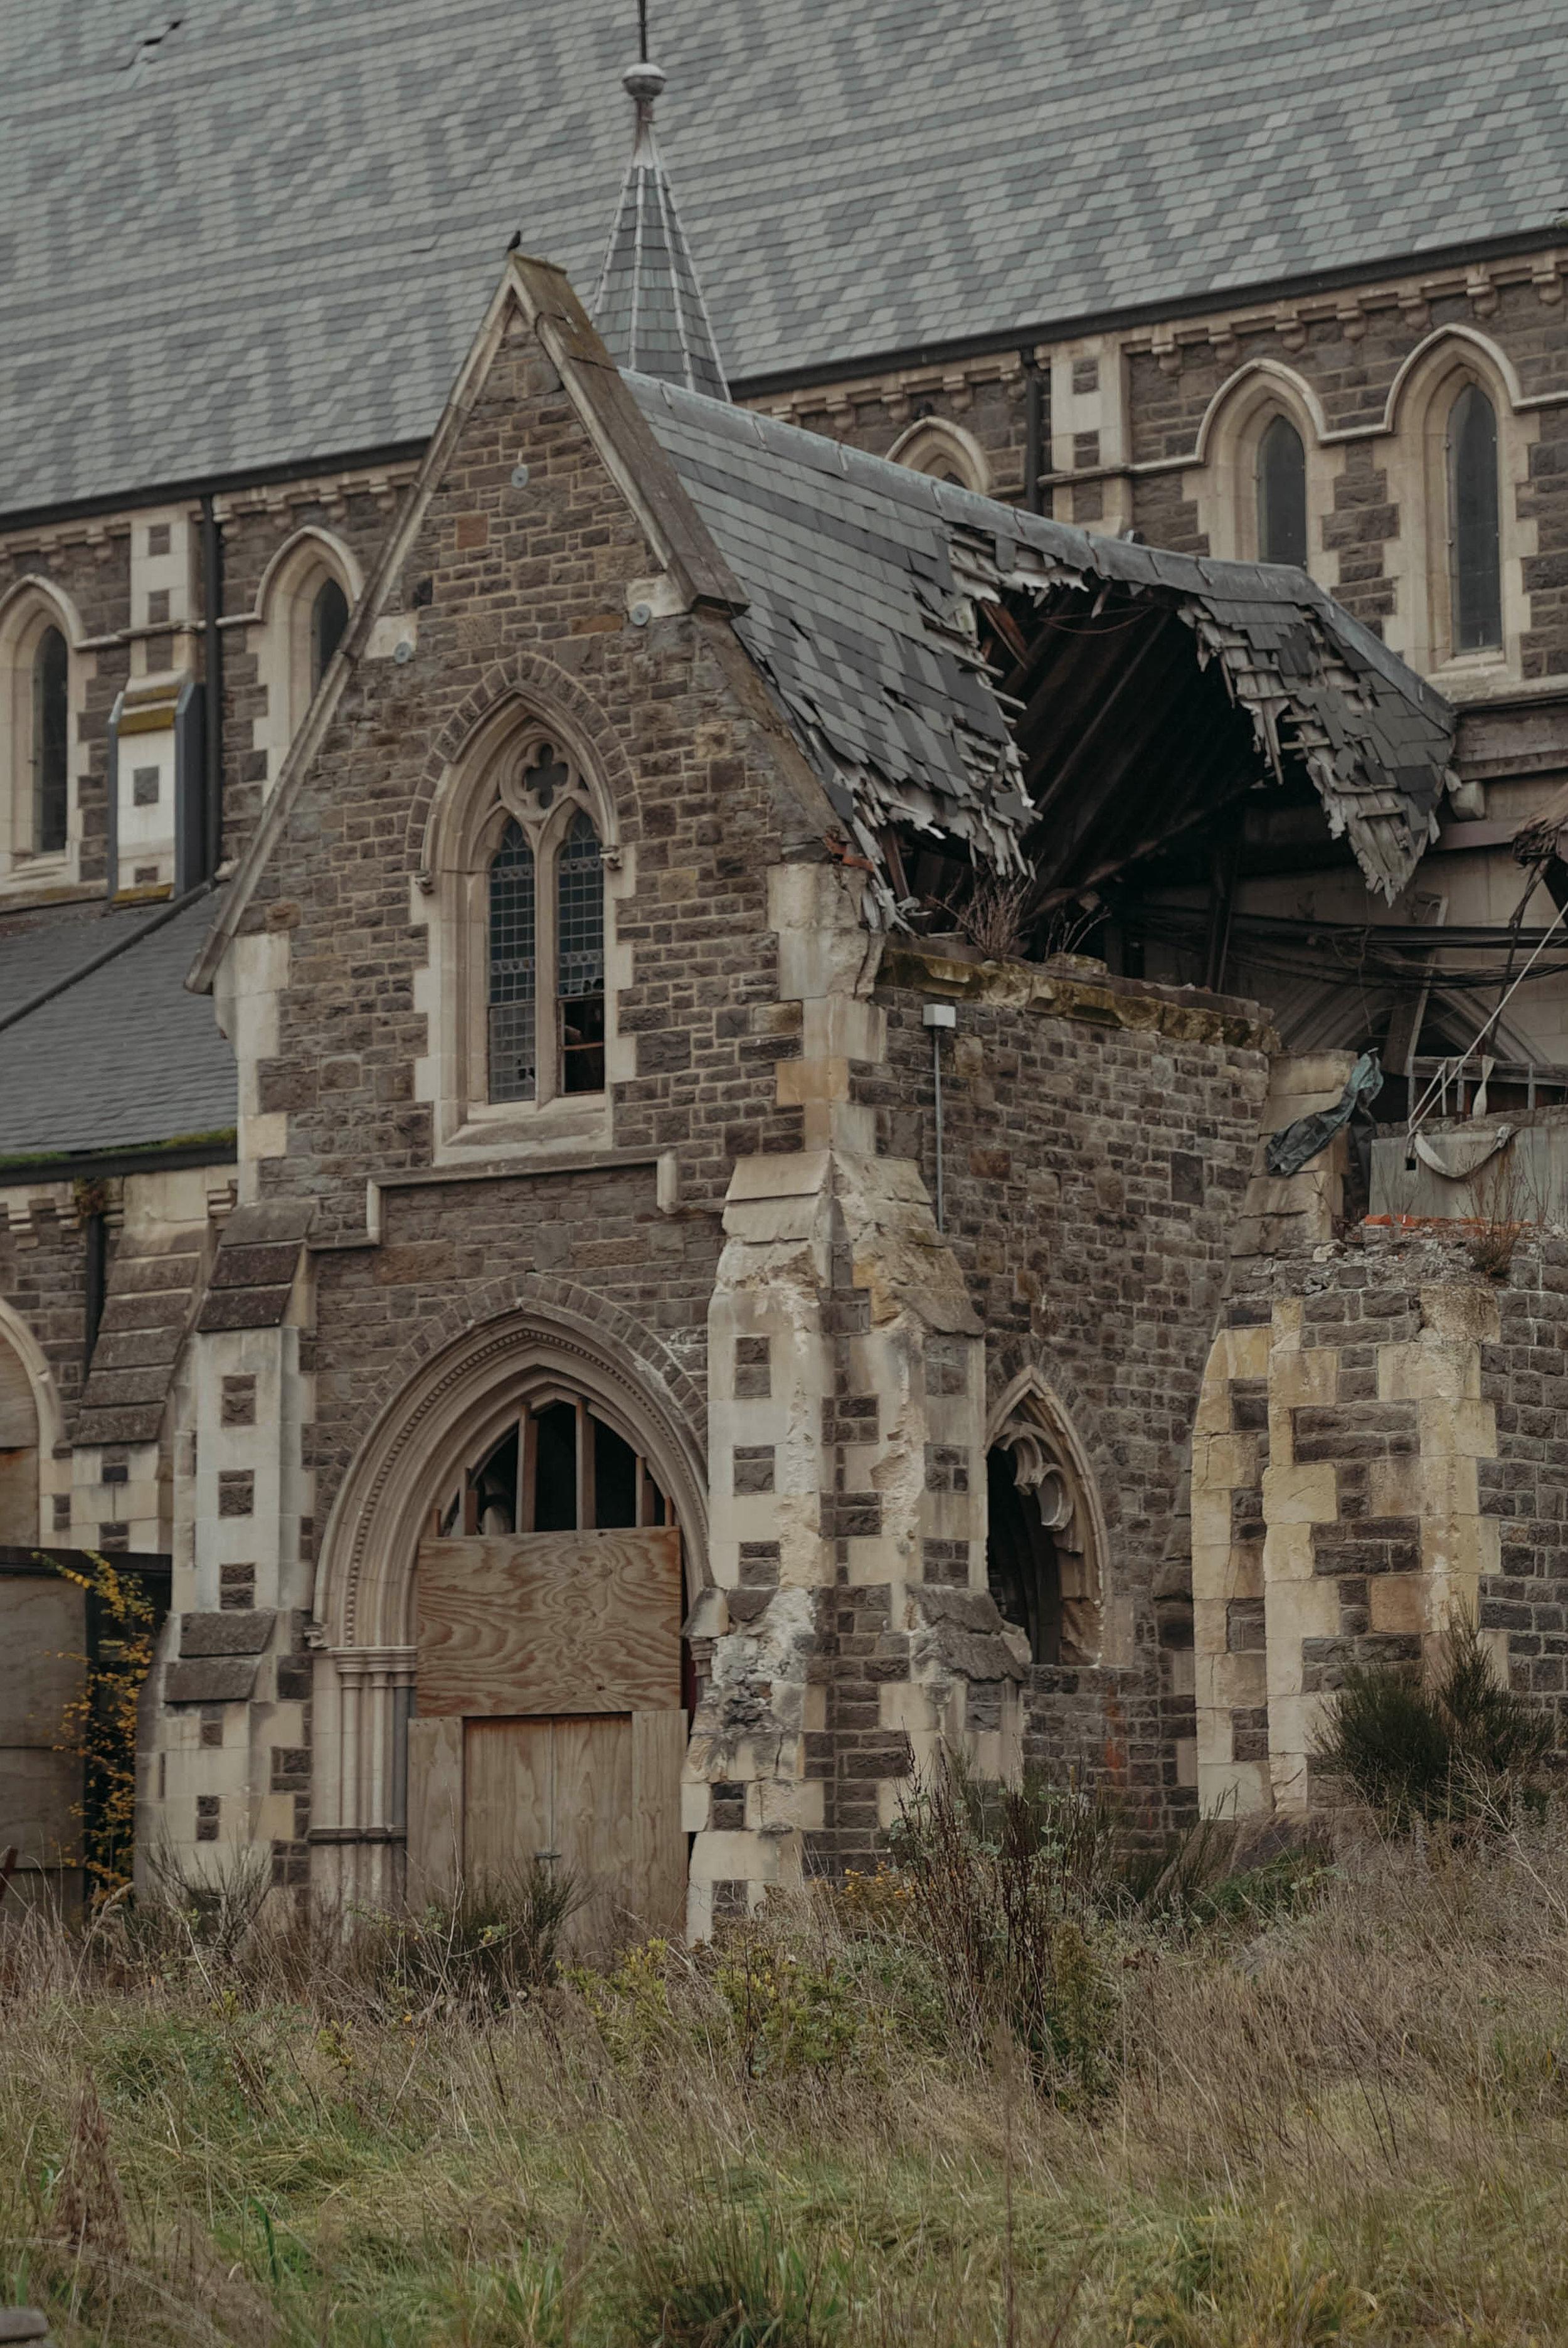 Ini adalah gereja yang terkena gempa 2010, tetapi sampai saat ini masi di pugar dan menjadi tempat wisata.